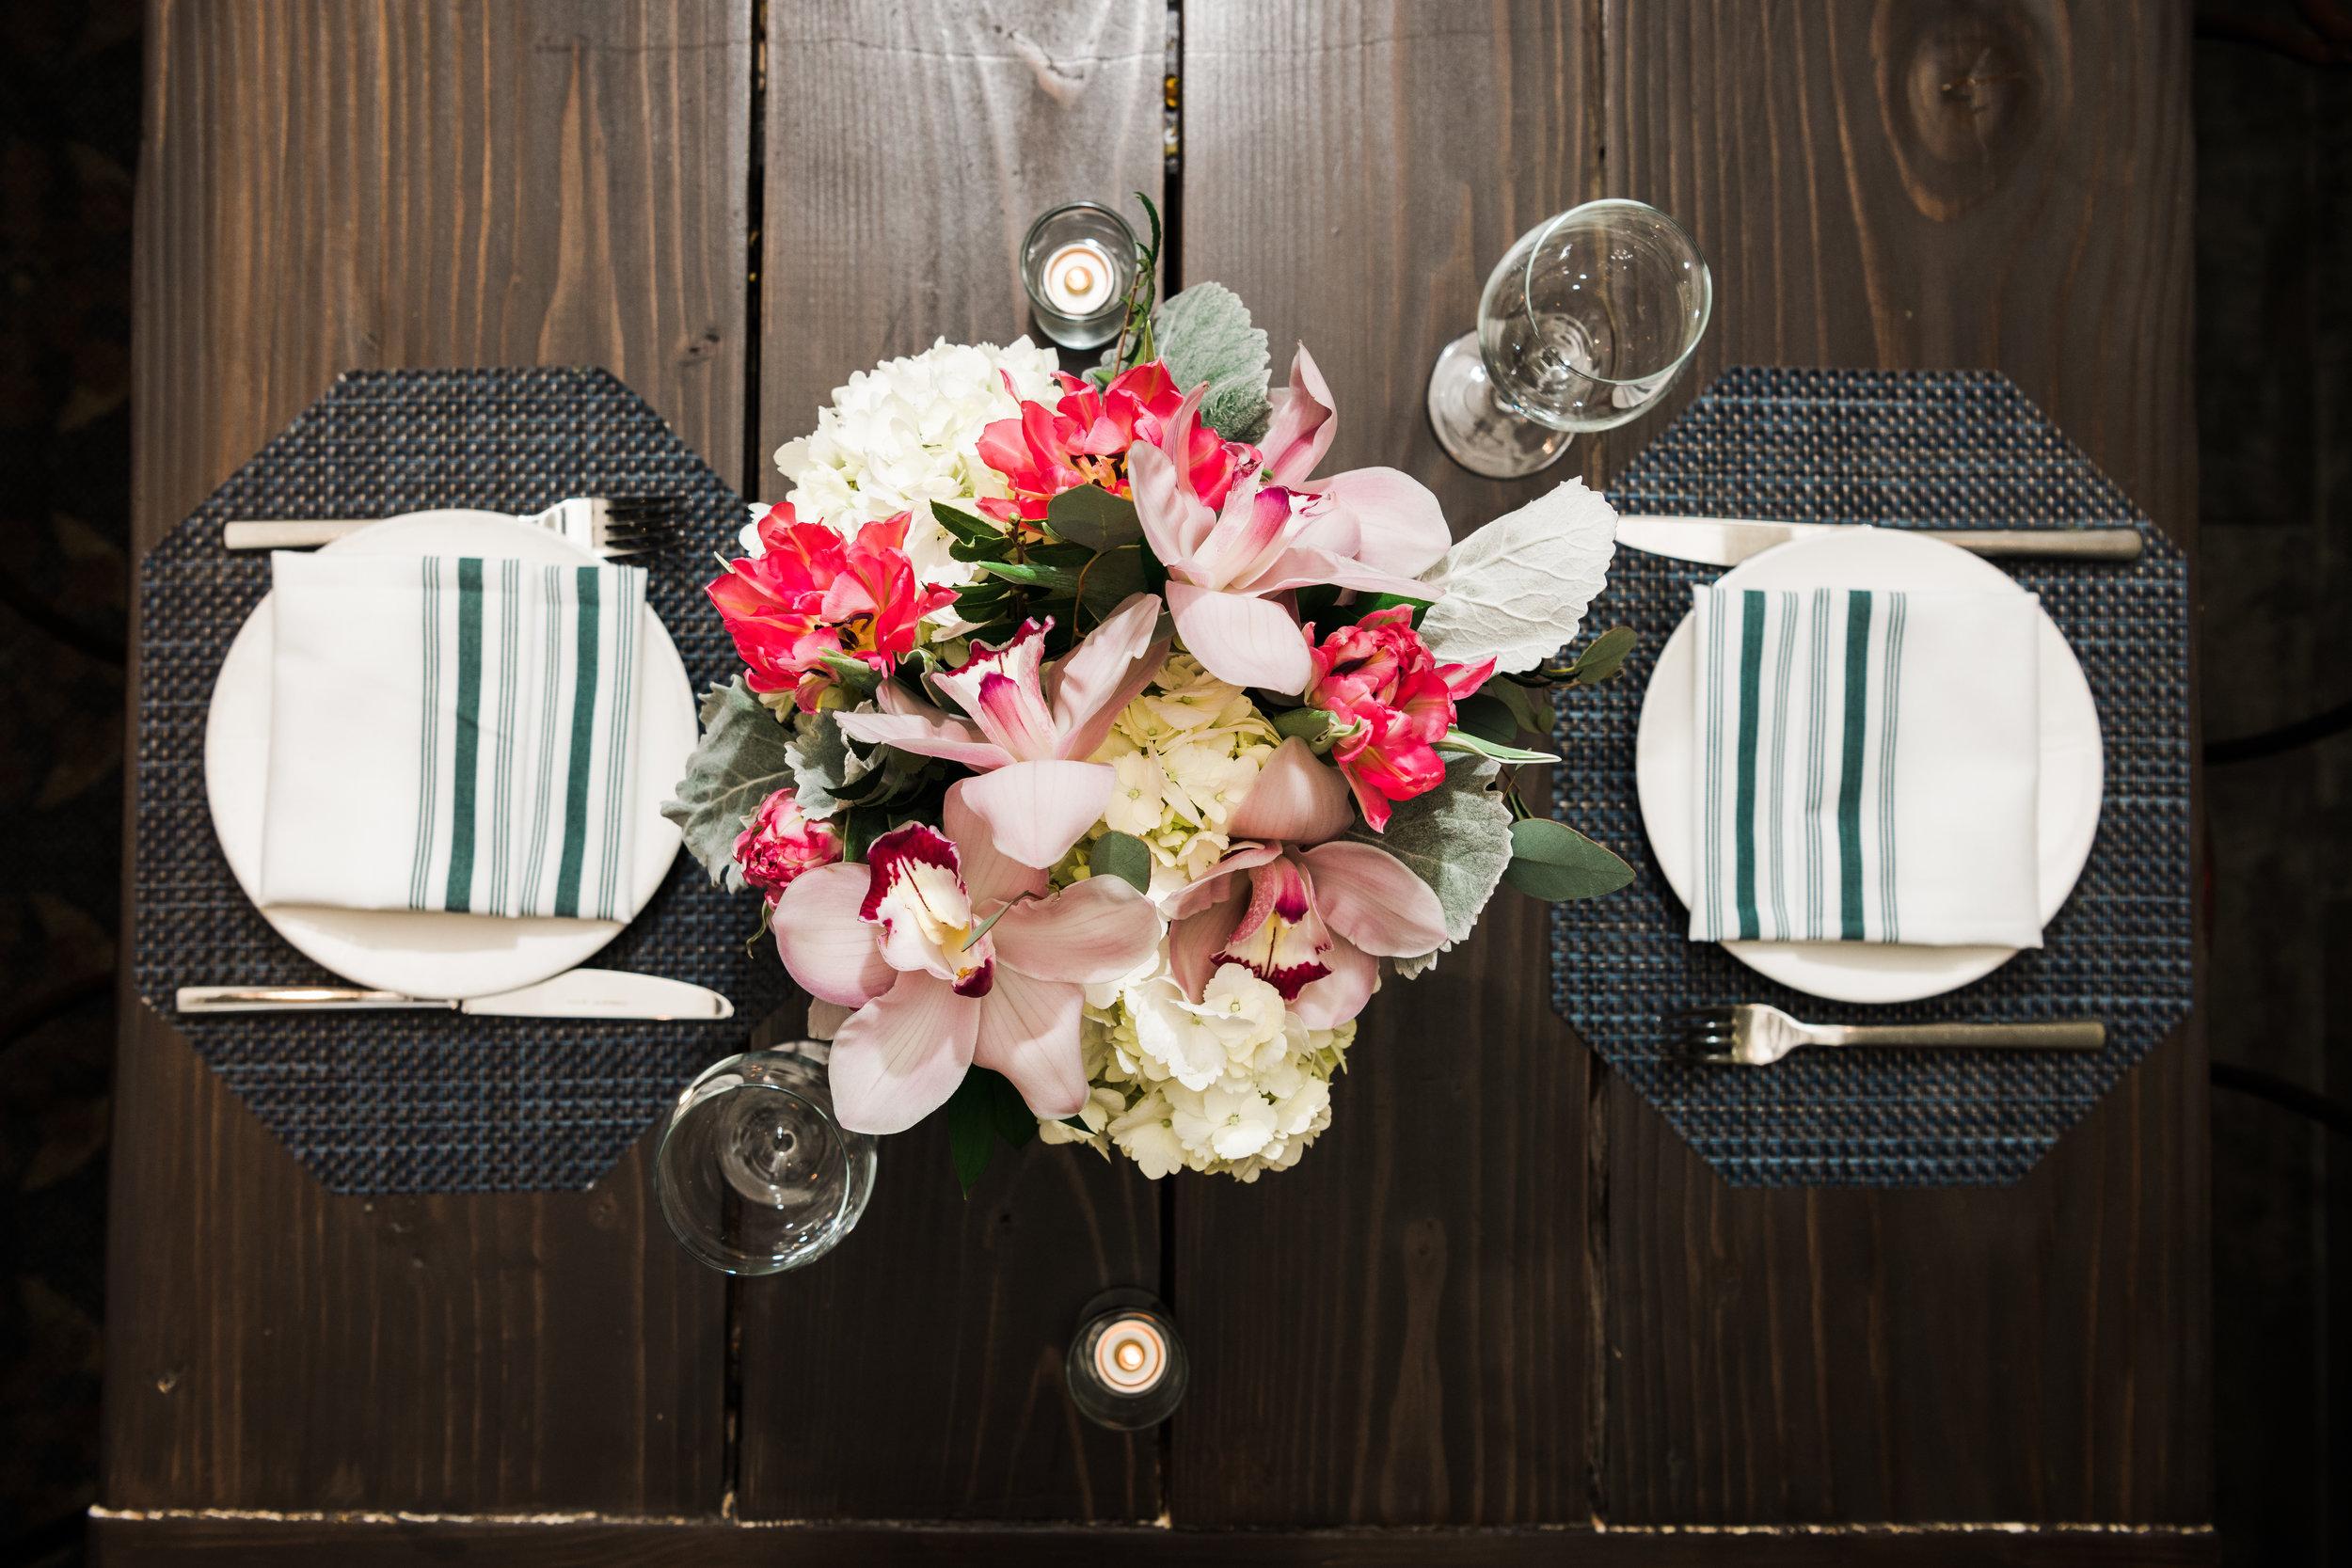 MXDC Farmhouse table for 2 with flowers.jpg